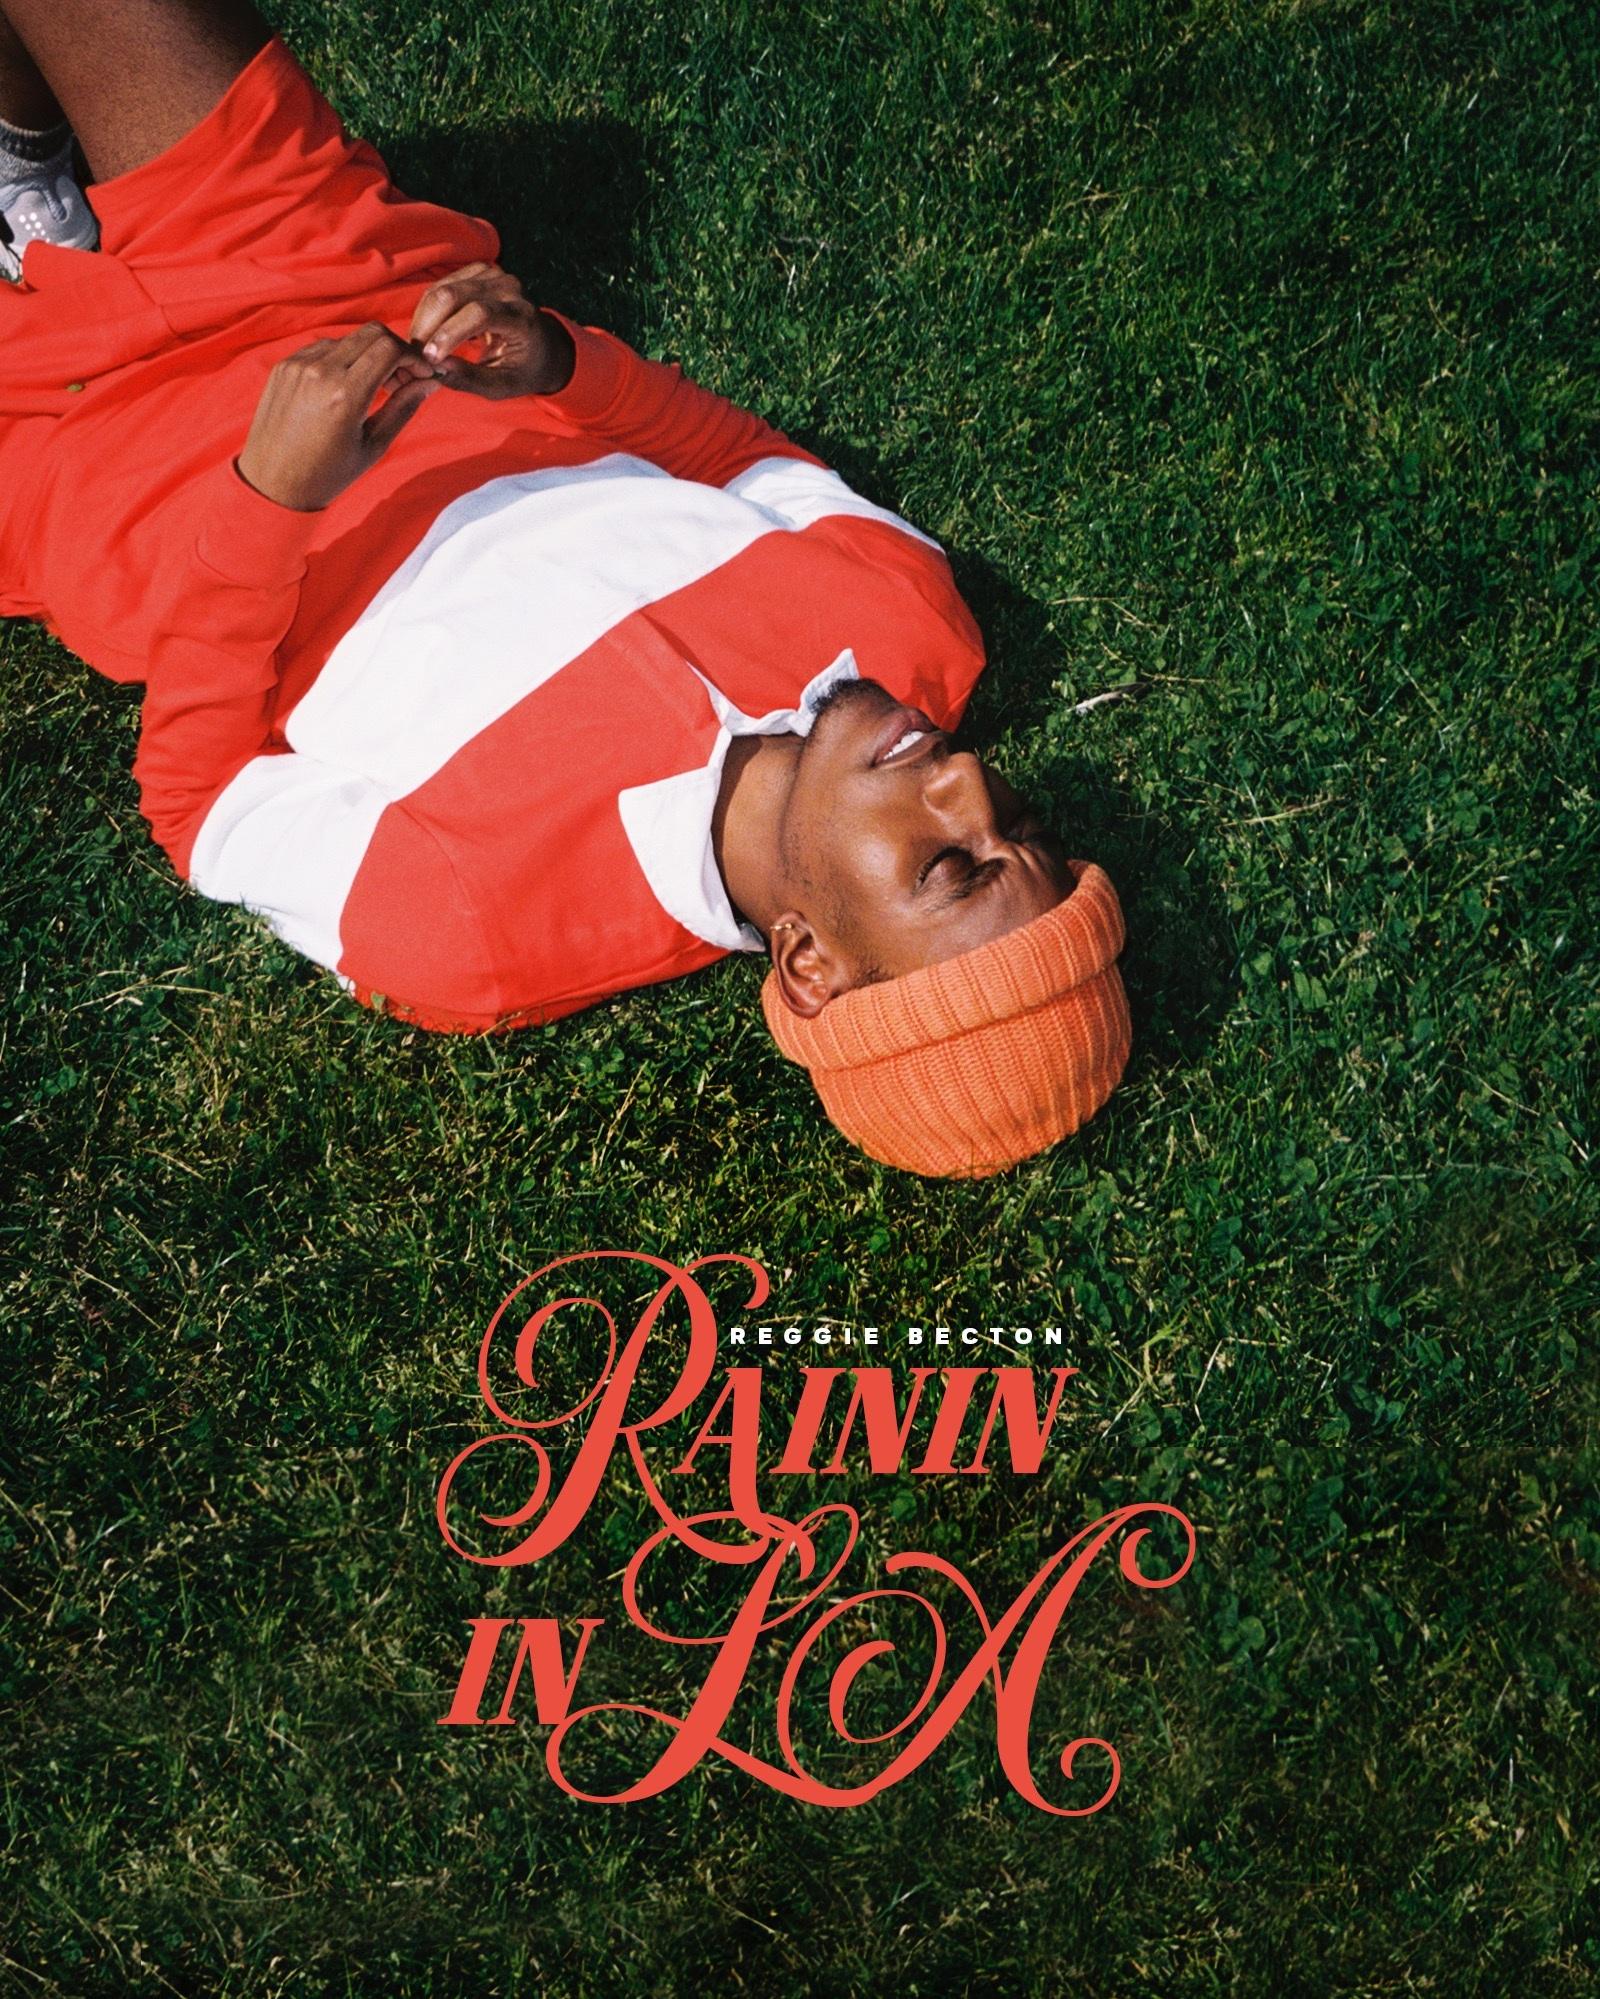 Reggie+Becton+-+Rainin+in+LA+-+Official+Artwork.jpg